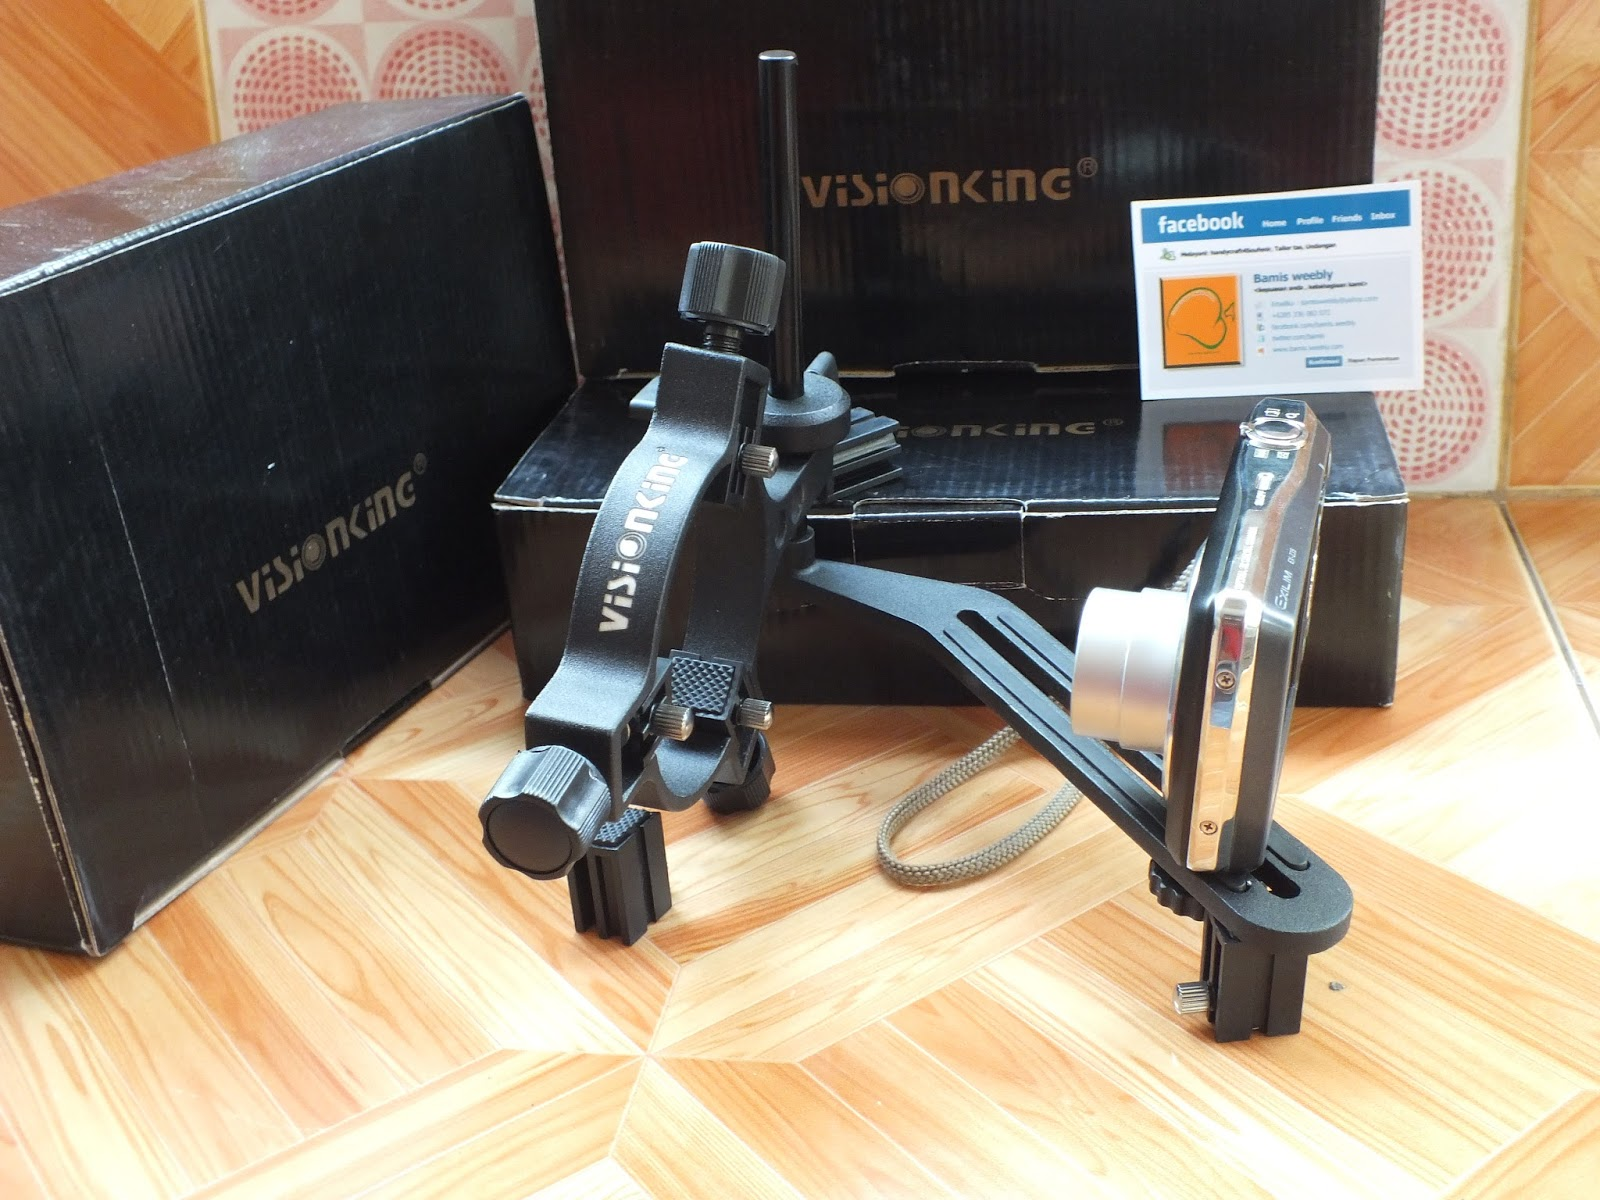 Toko senapan angin dudukan kamera untuk telescope senapan visionking